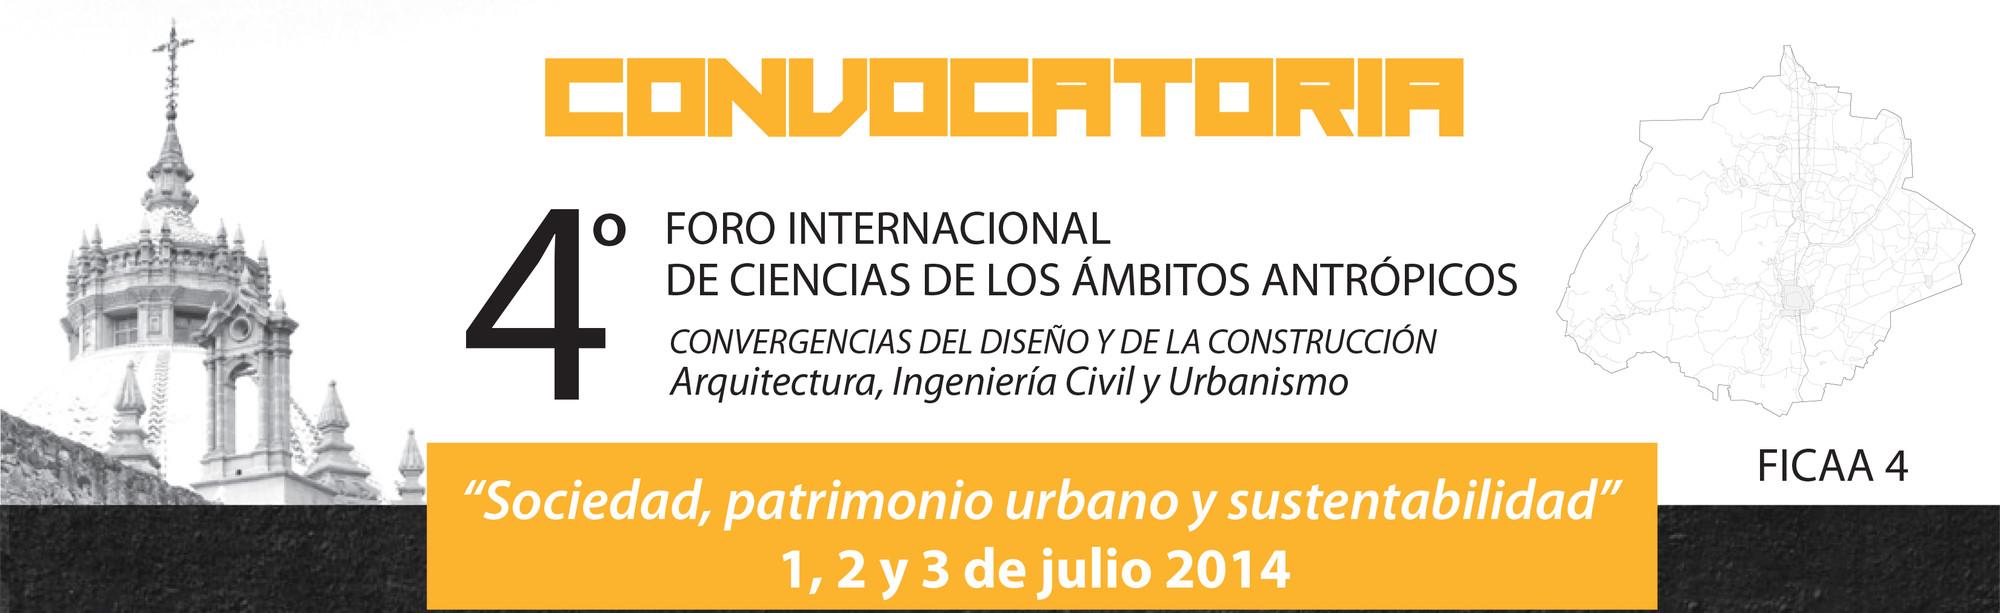 4° Foro Internacional Ciencias de los Ámbitos Antrópicos: Convergencias del Diseño y de la Construcción / Sociedad, patrimonio urbano y sustentabilidad